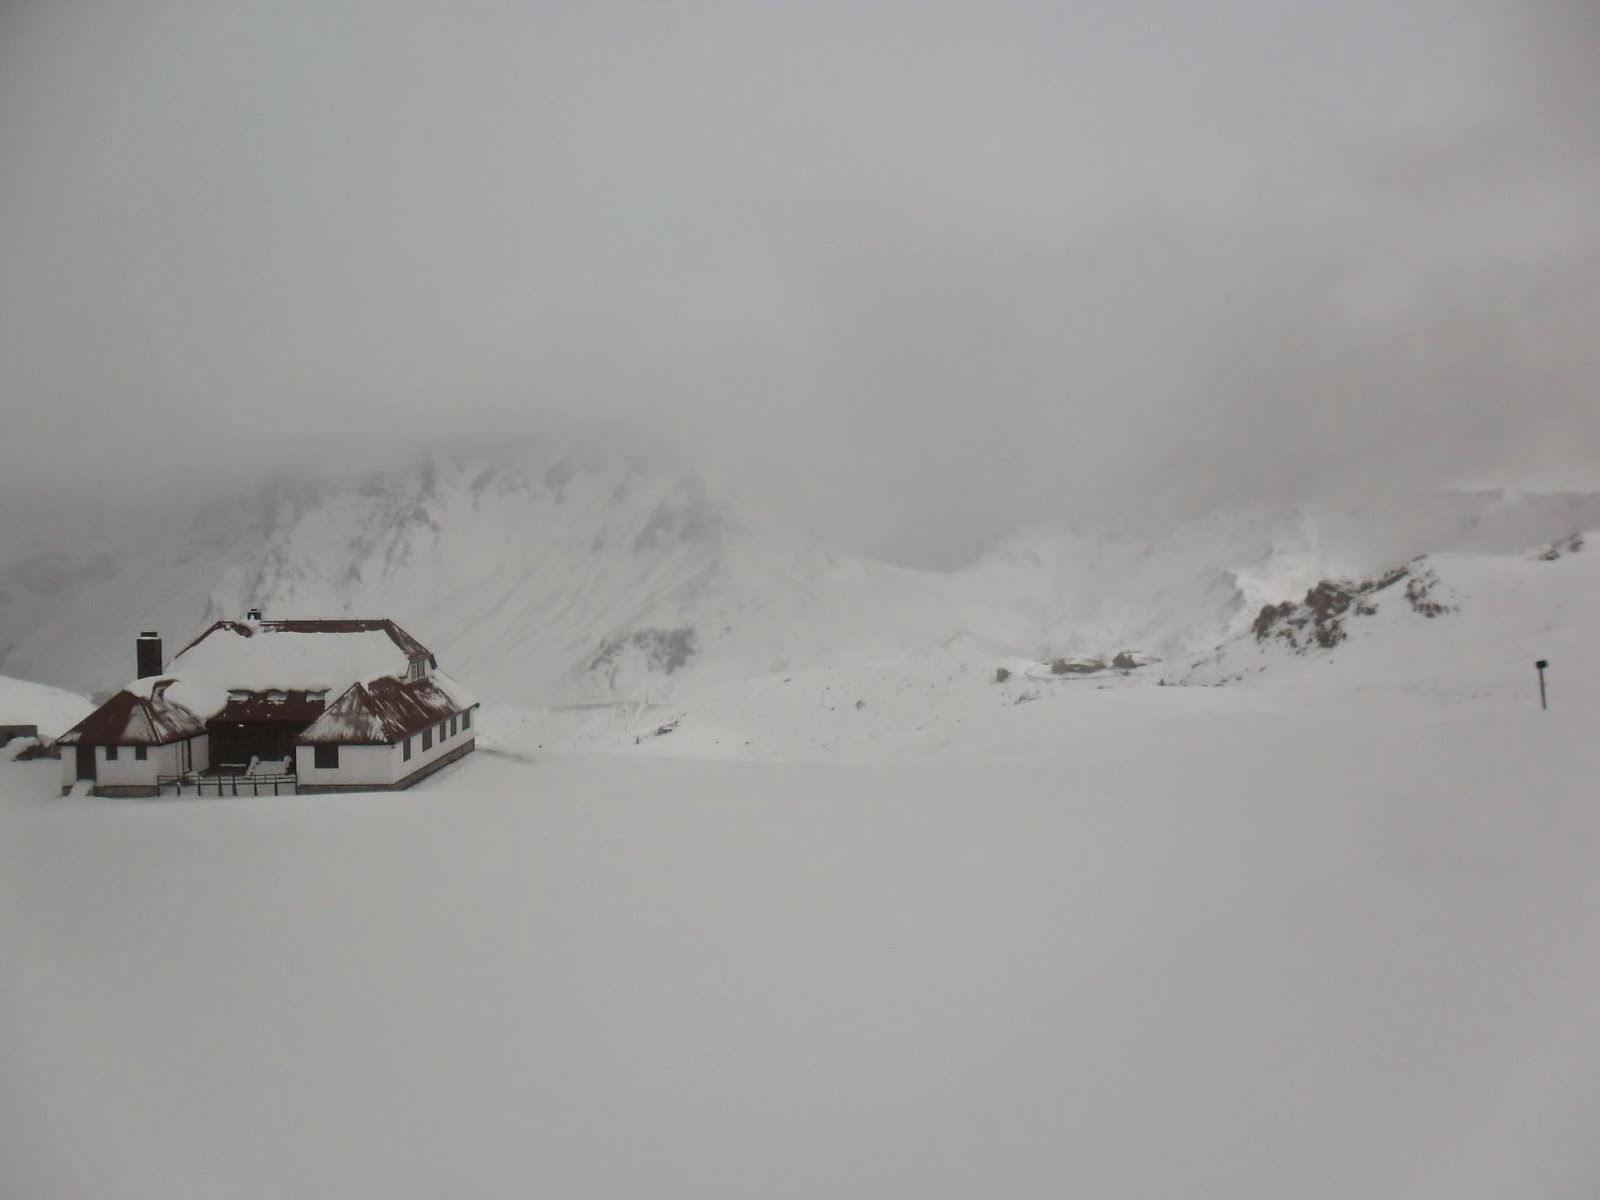 El Chalet rodeado de nieve. Foto de la web Nieve y Montañas Cantábricas. Pulse para verlo más grande